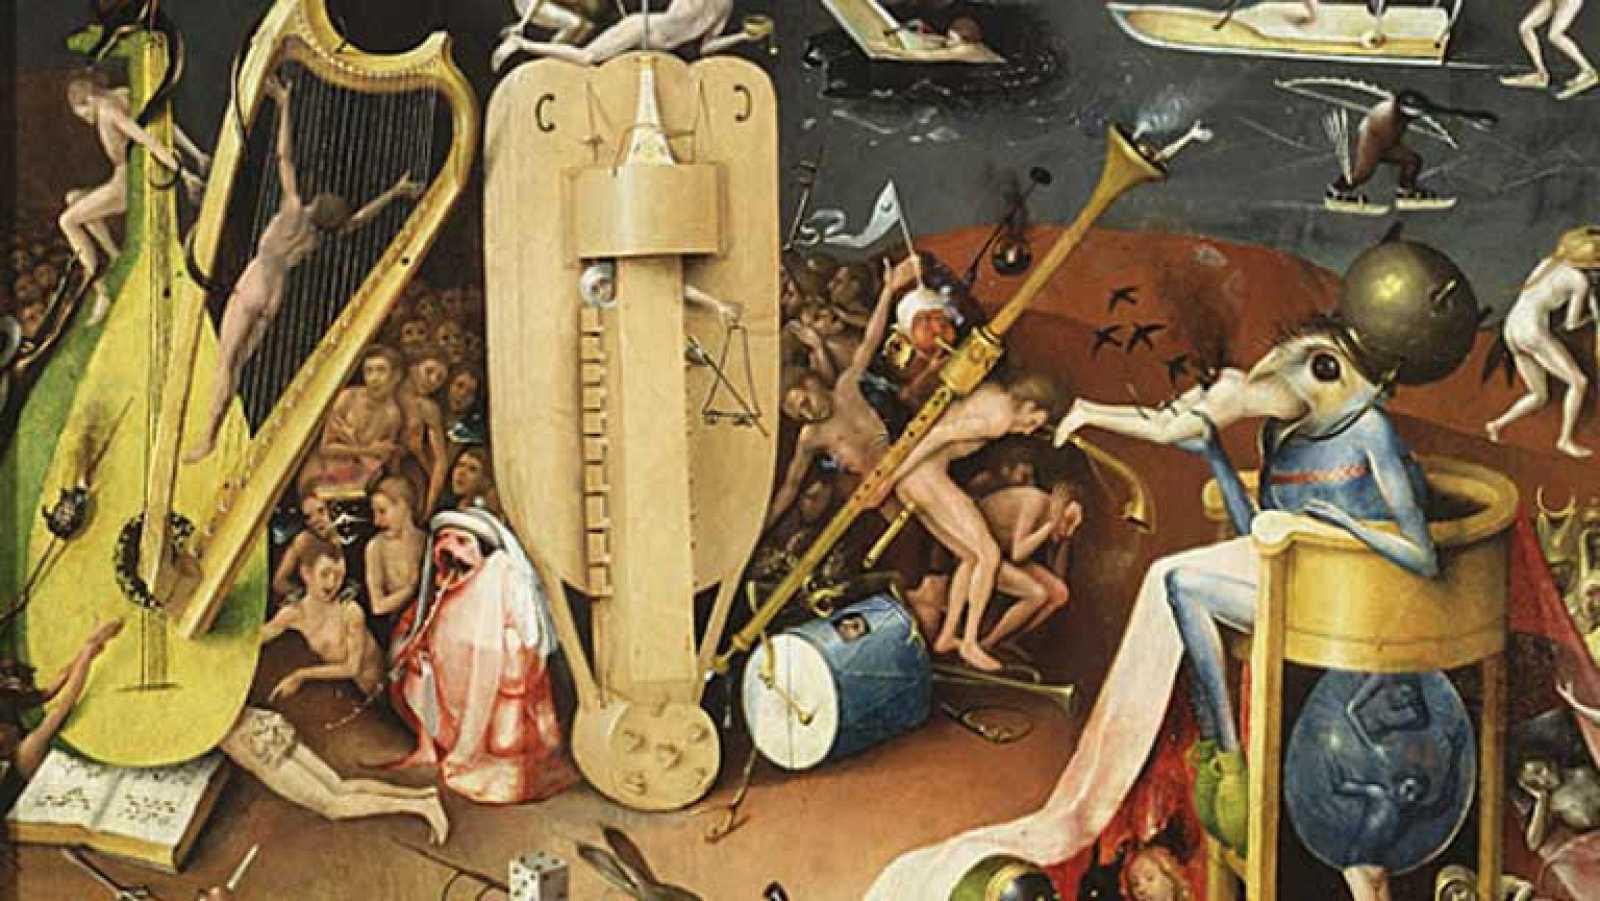 39 el jard n de las delicias 39 esconde una partitura musical for El jardin de las delicias significado